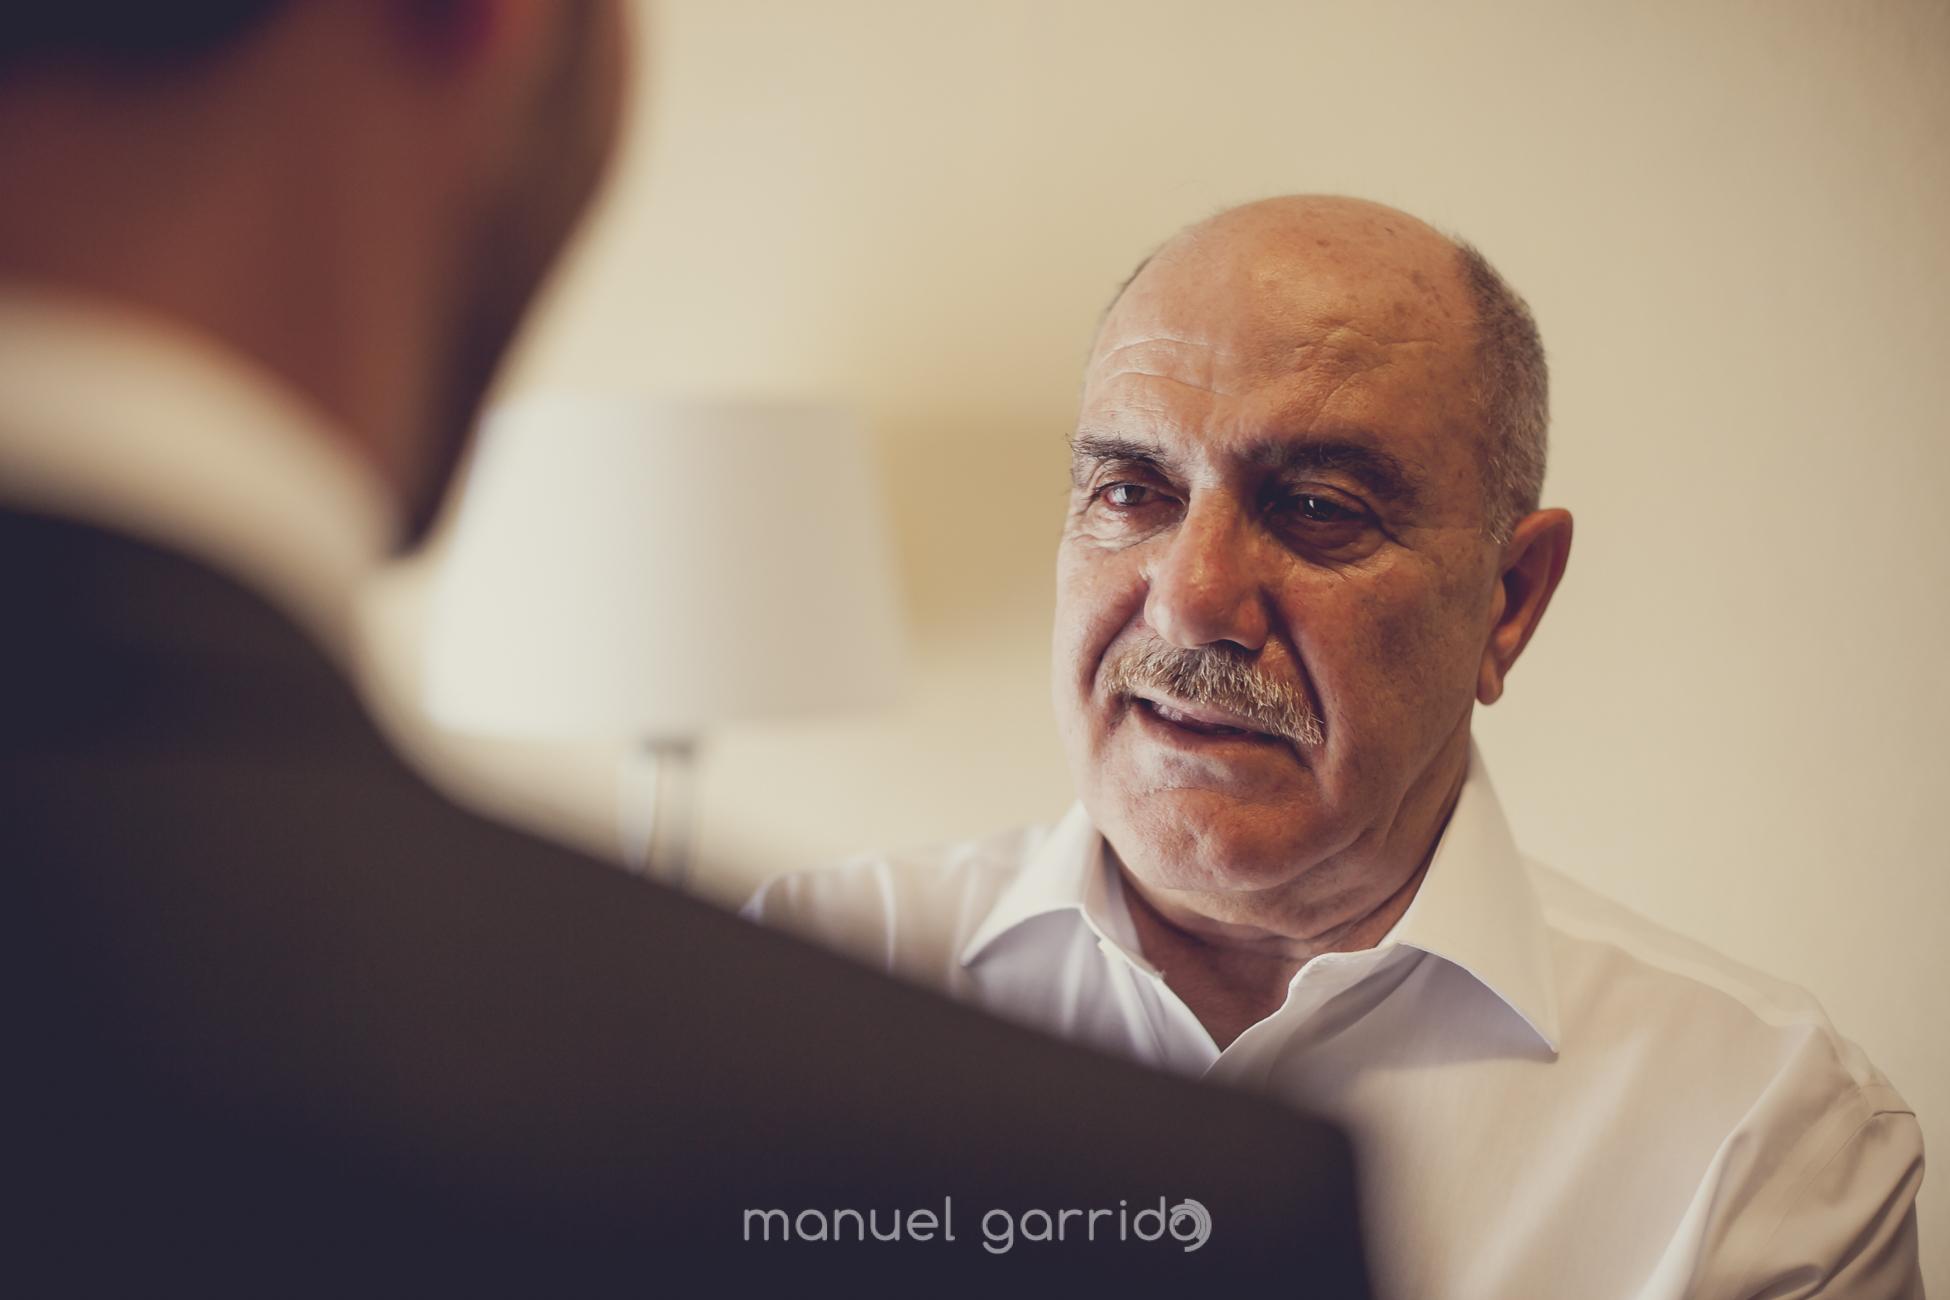 Boda_Alqueria_El_Machistre_Valencia-Manuel_Garrido-Carlos_y_Celia-13